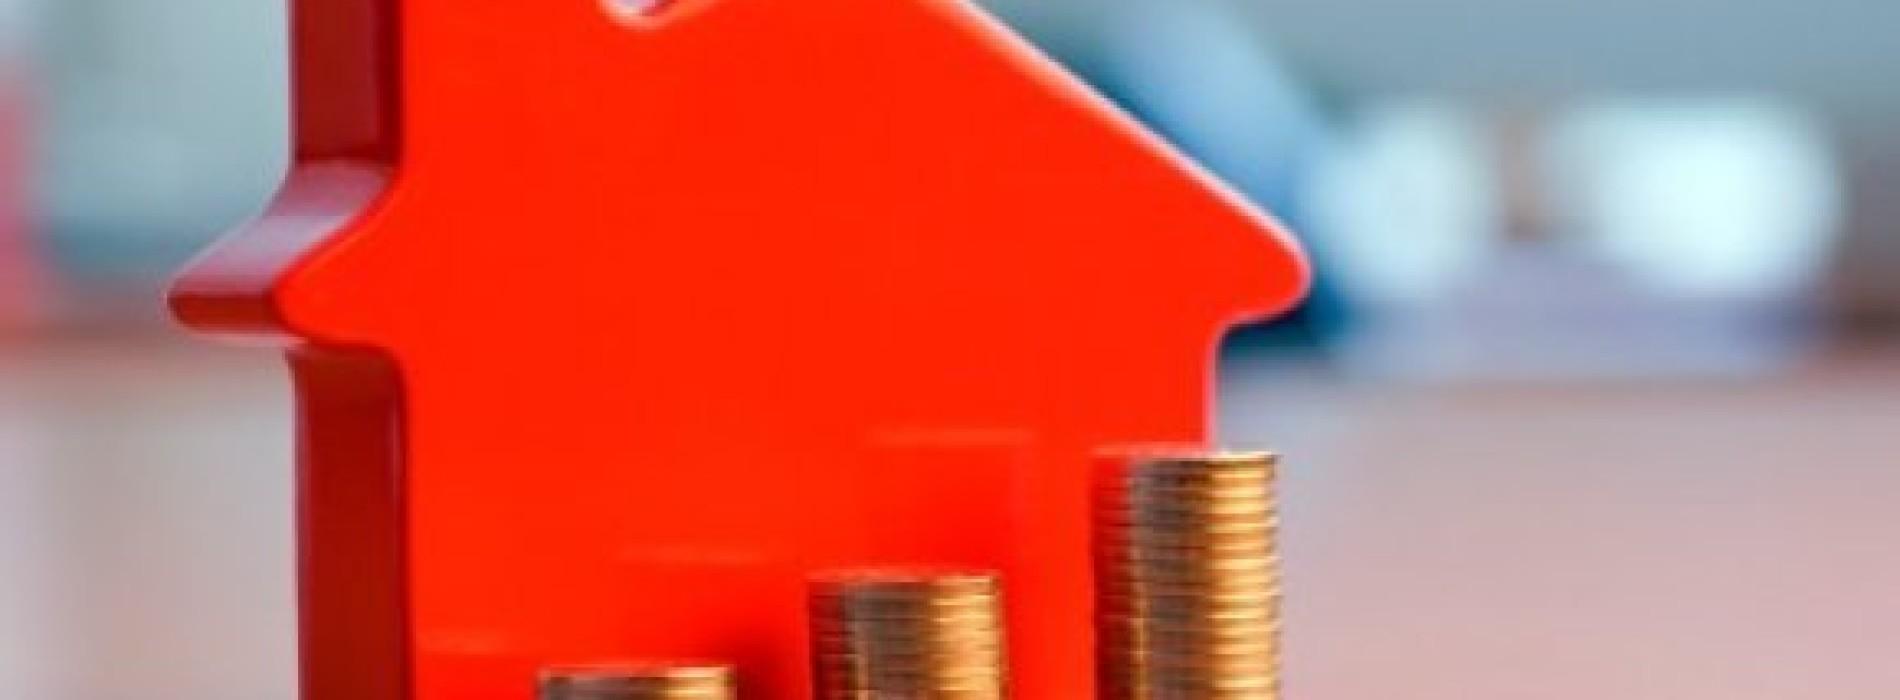 Co z podatkiem mieszkaniowym przed upływem 5 lat?